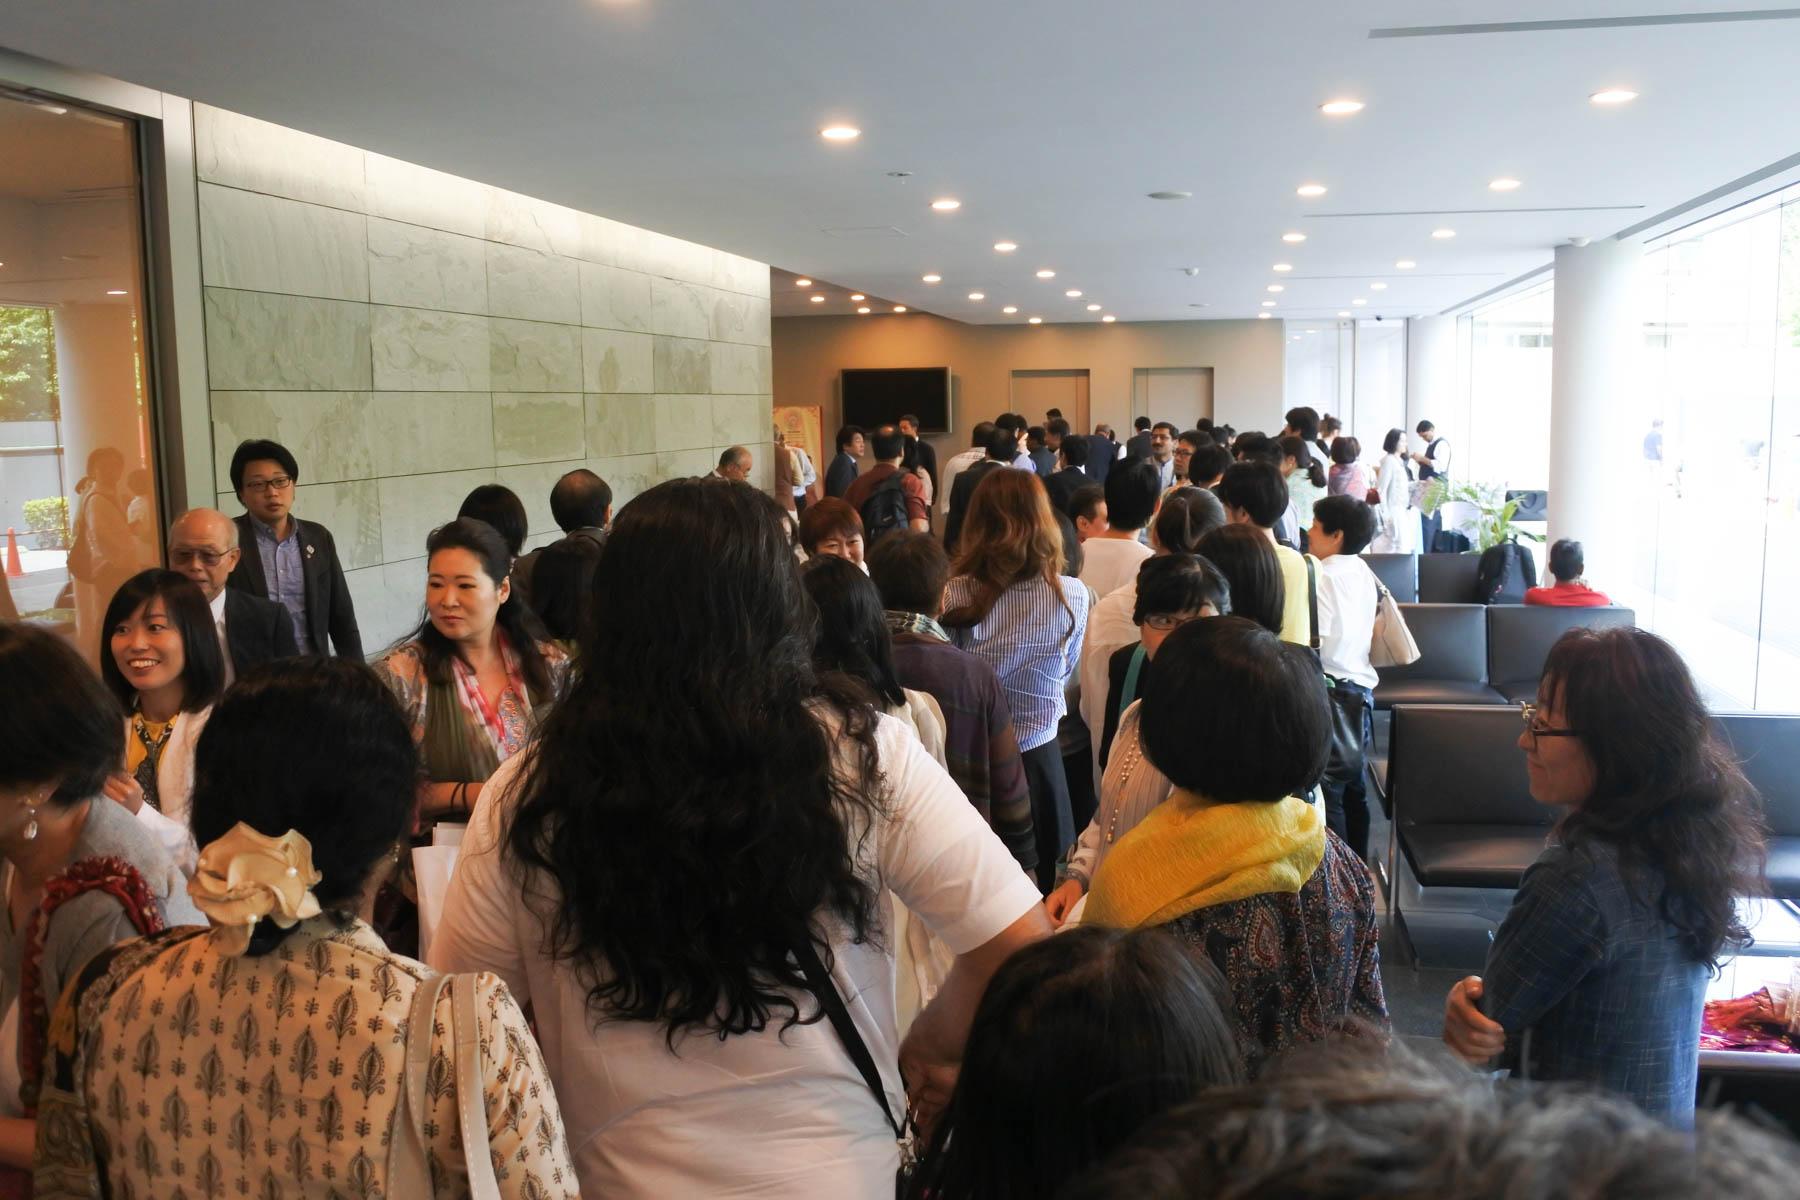 第一回インド政府AYUSHセミナー 集まった関係者